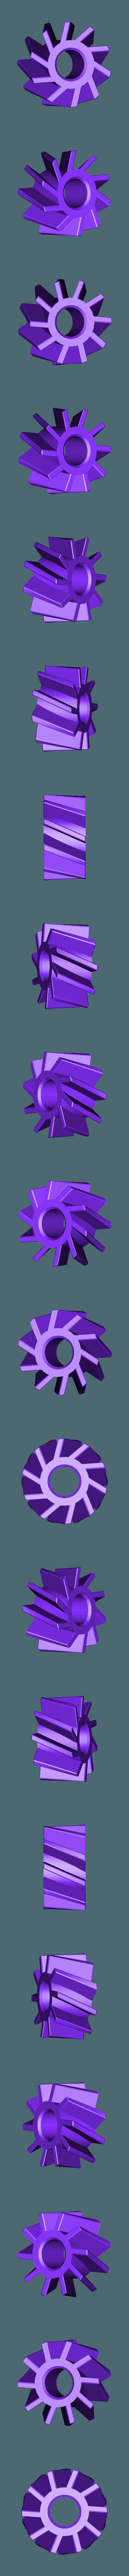 Whistle_Prop1.stl Télécharger fichier STL gratuit Sifflets avec turbine, jeu STEM • Modèle pour imprimante 3D, LGBU